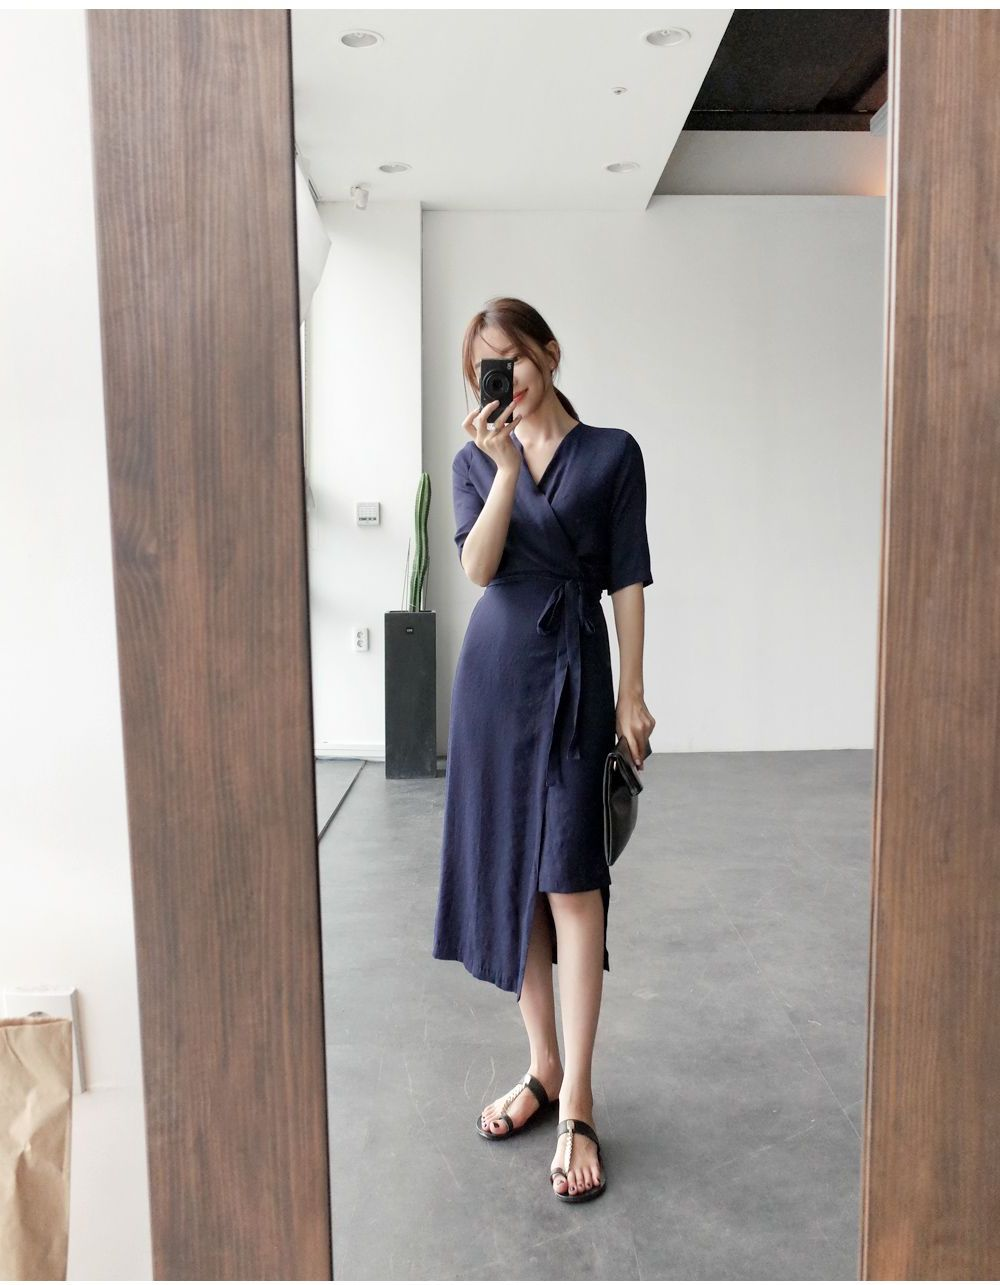 韓国 ファッション ワンピース 春 夏 カジュアル PTXB239  アシンメトリー ウエストマーク ラップ タイト オフィス パーティー オルチャン シンプル 定番 セレカジの写真17枚目